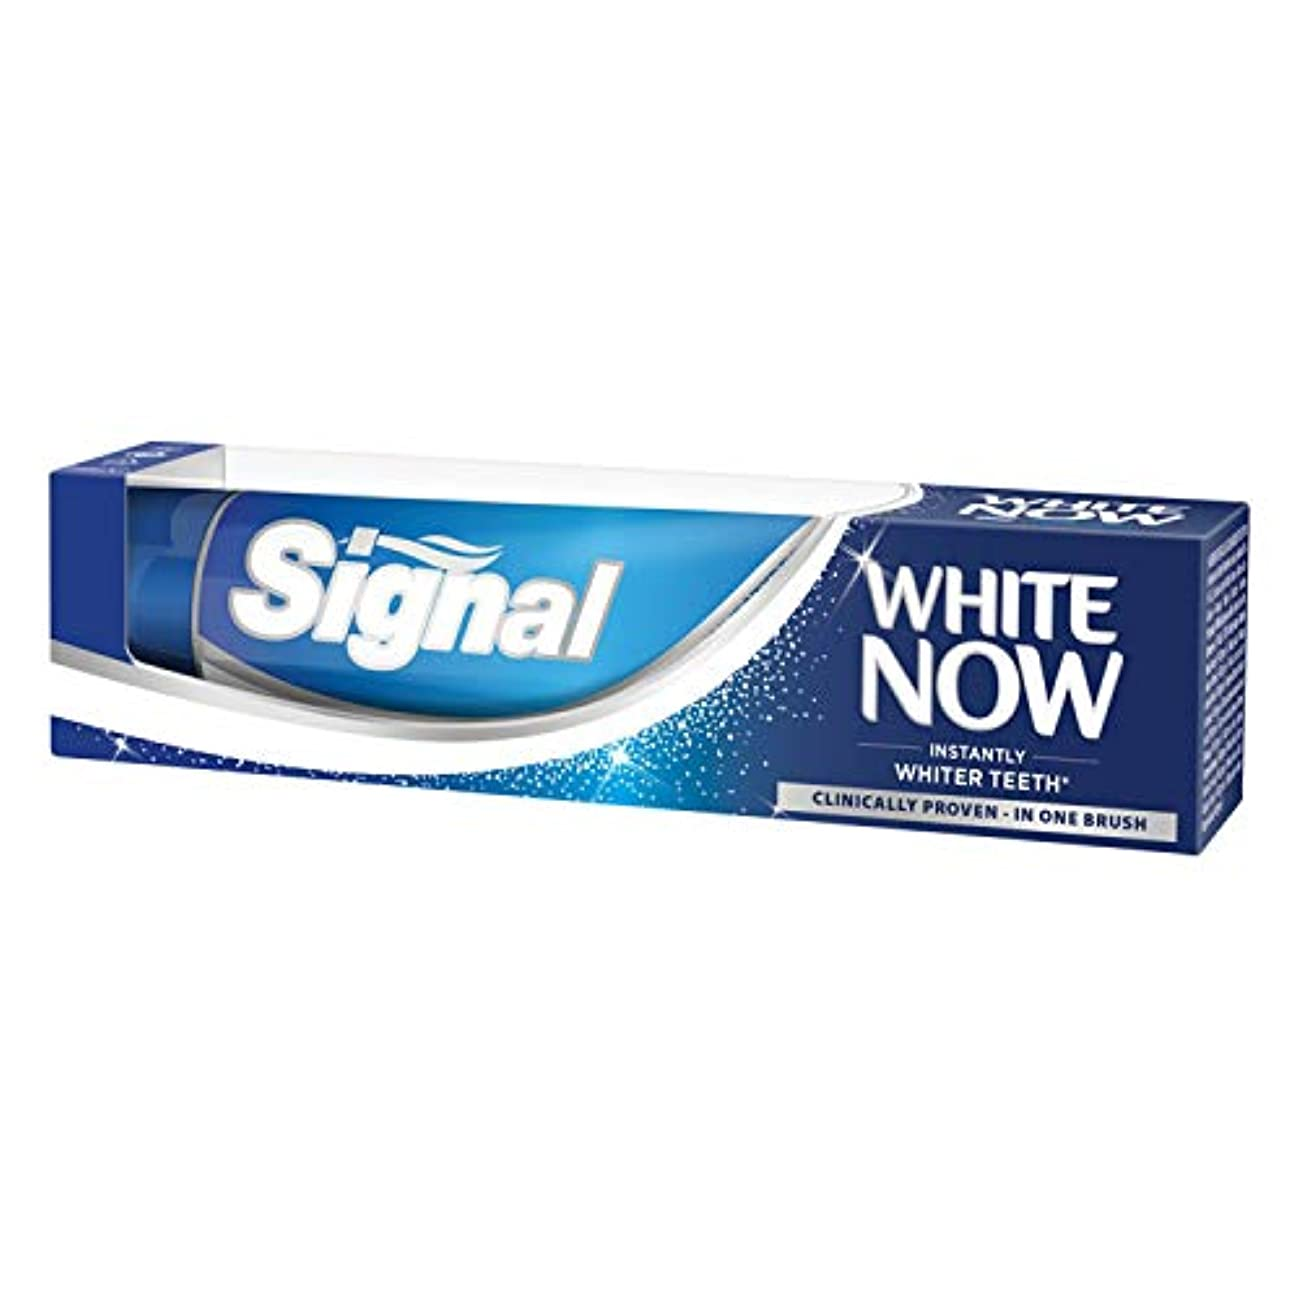 手無礼にチャップSignal(シンガル) White Now「白今」 ホワイトニング歯磨き粉 インスタント効果、臨床的に証明された 75ml 3個入り [並行輸入品]